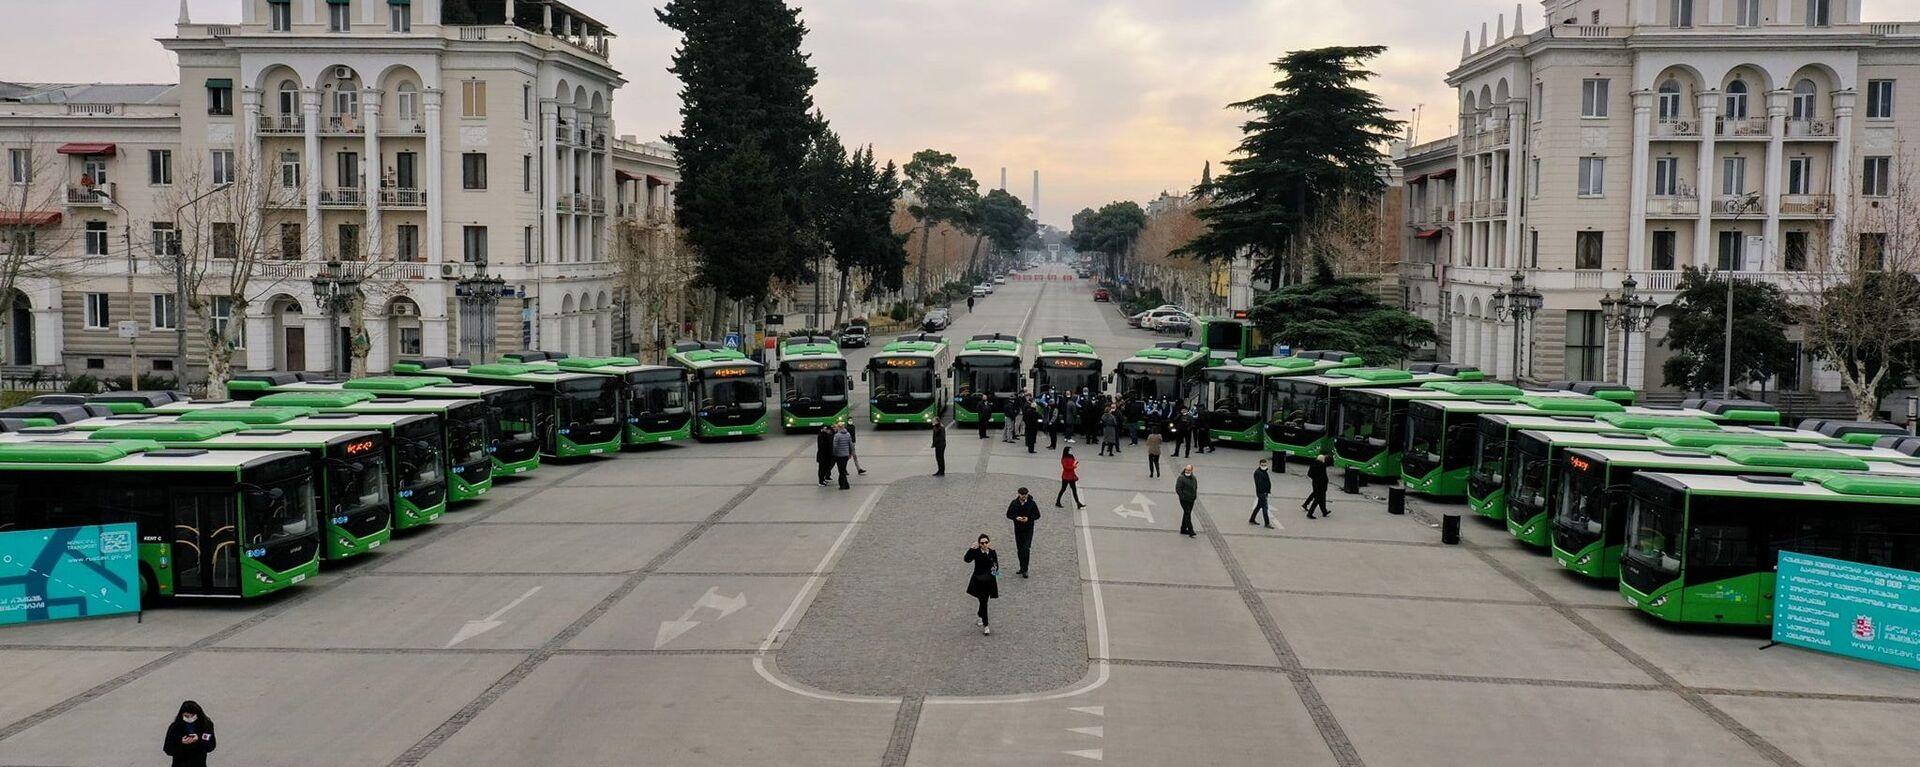 Новые автобусы для шести городов Грузии - Sputnik Грузия, 1920, 23.03.2021